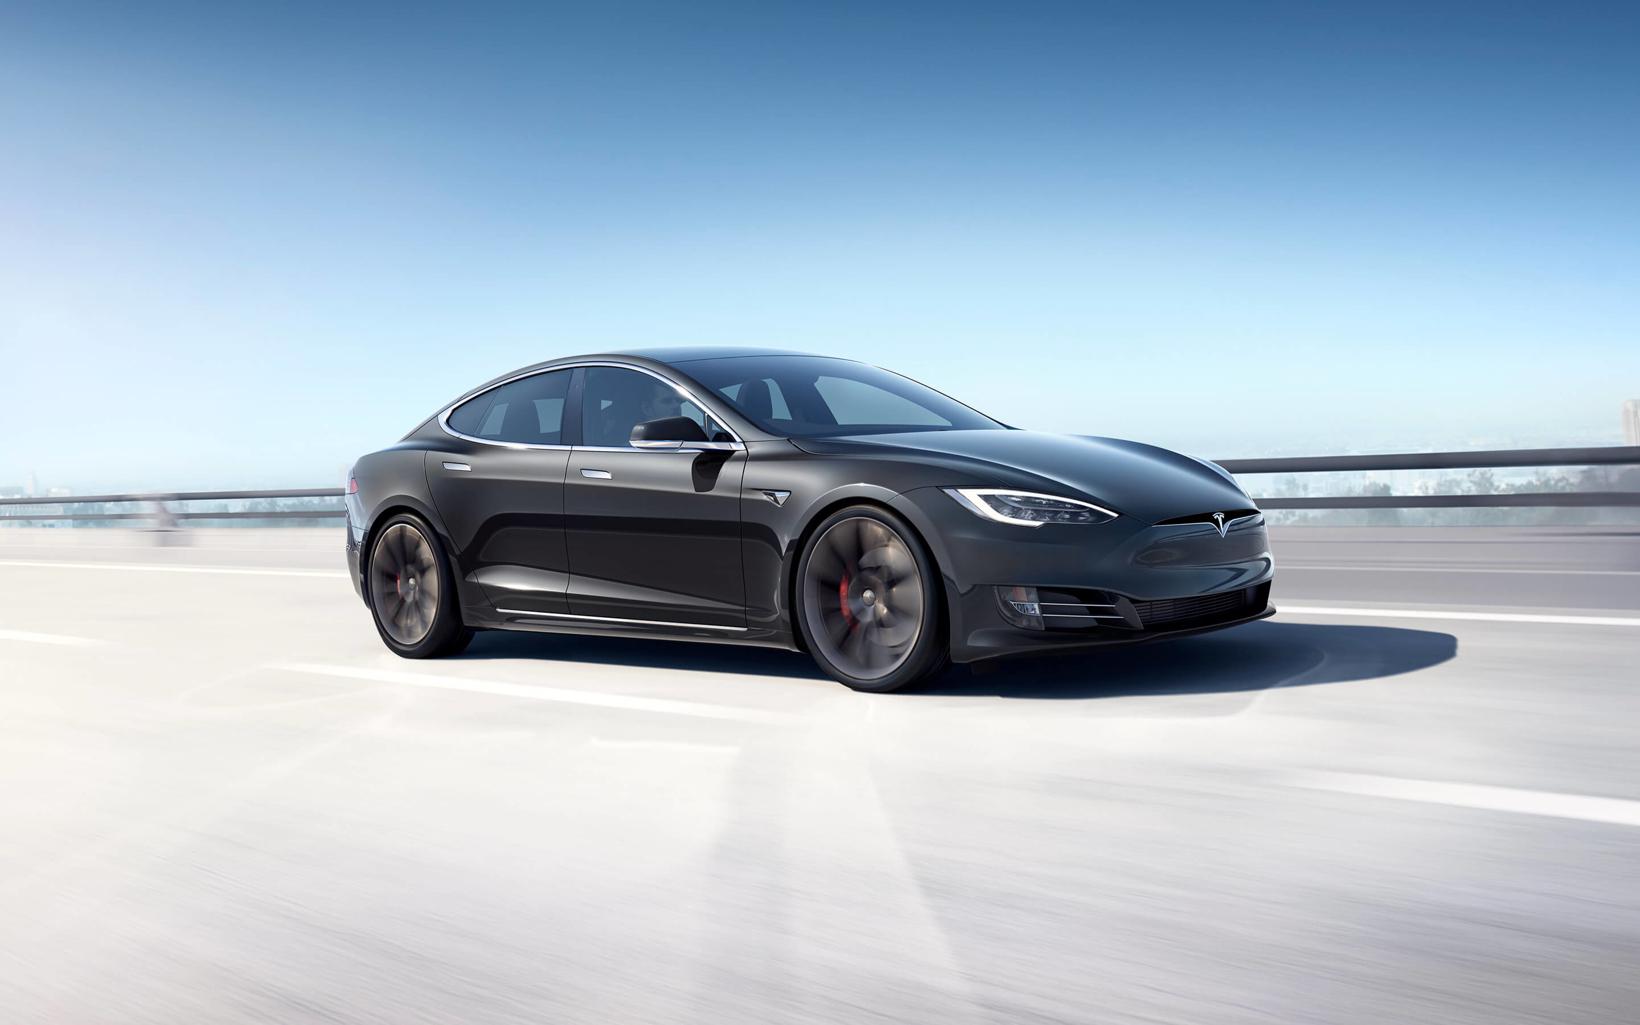 特斯拉升级Model S与Model X充电功率 最高可达250 kW